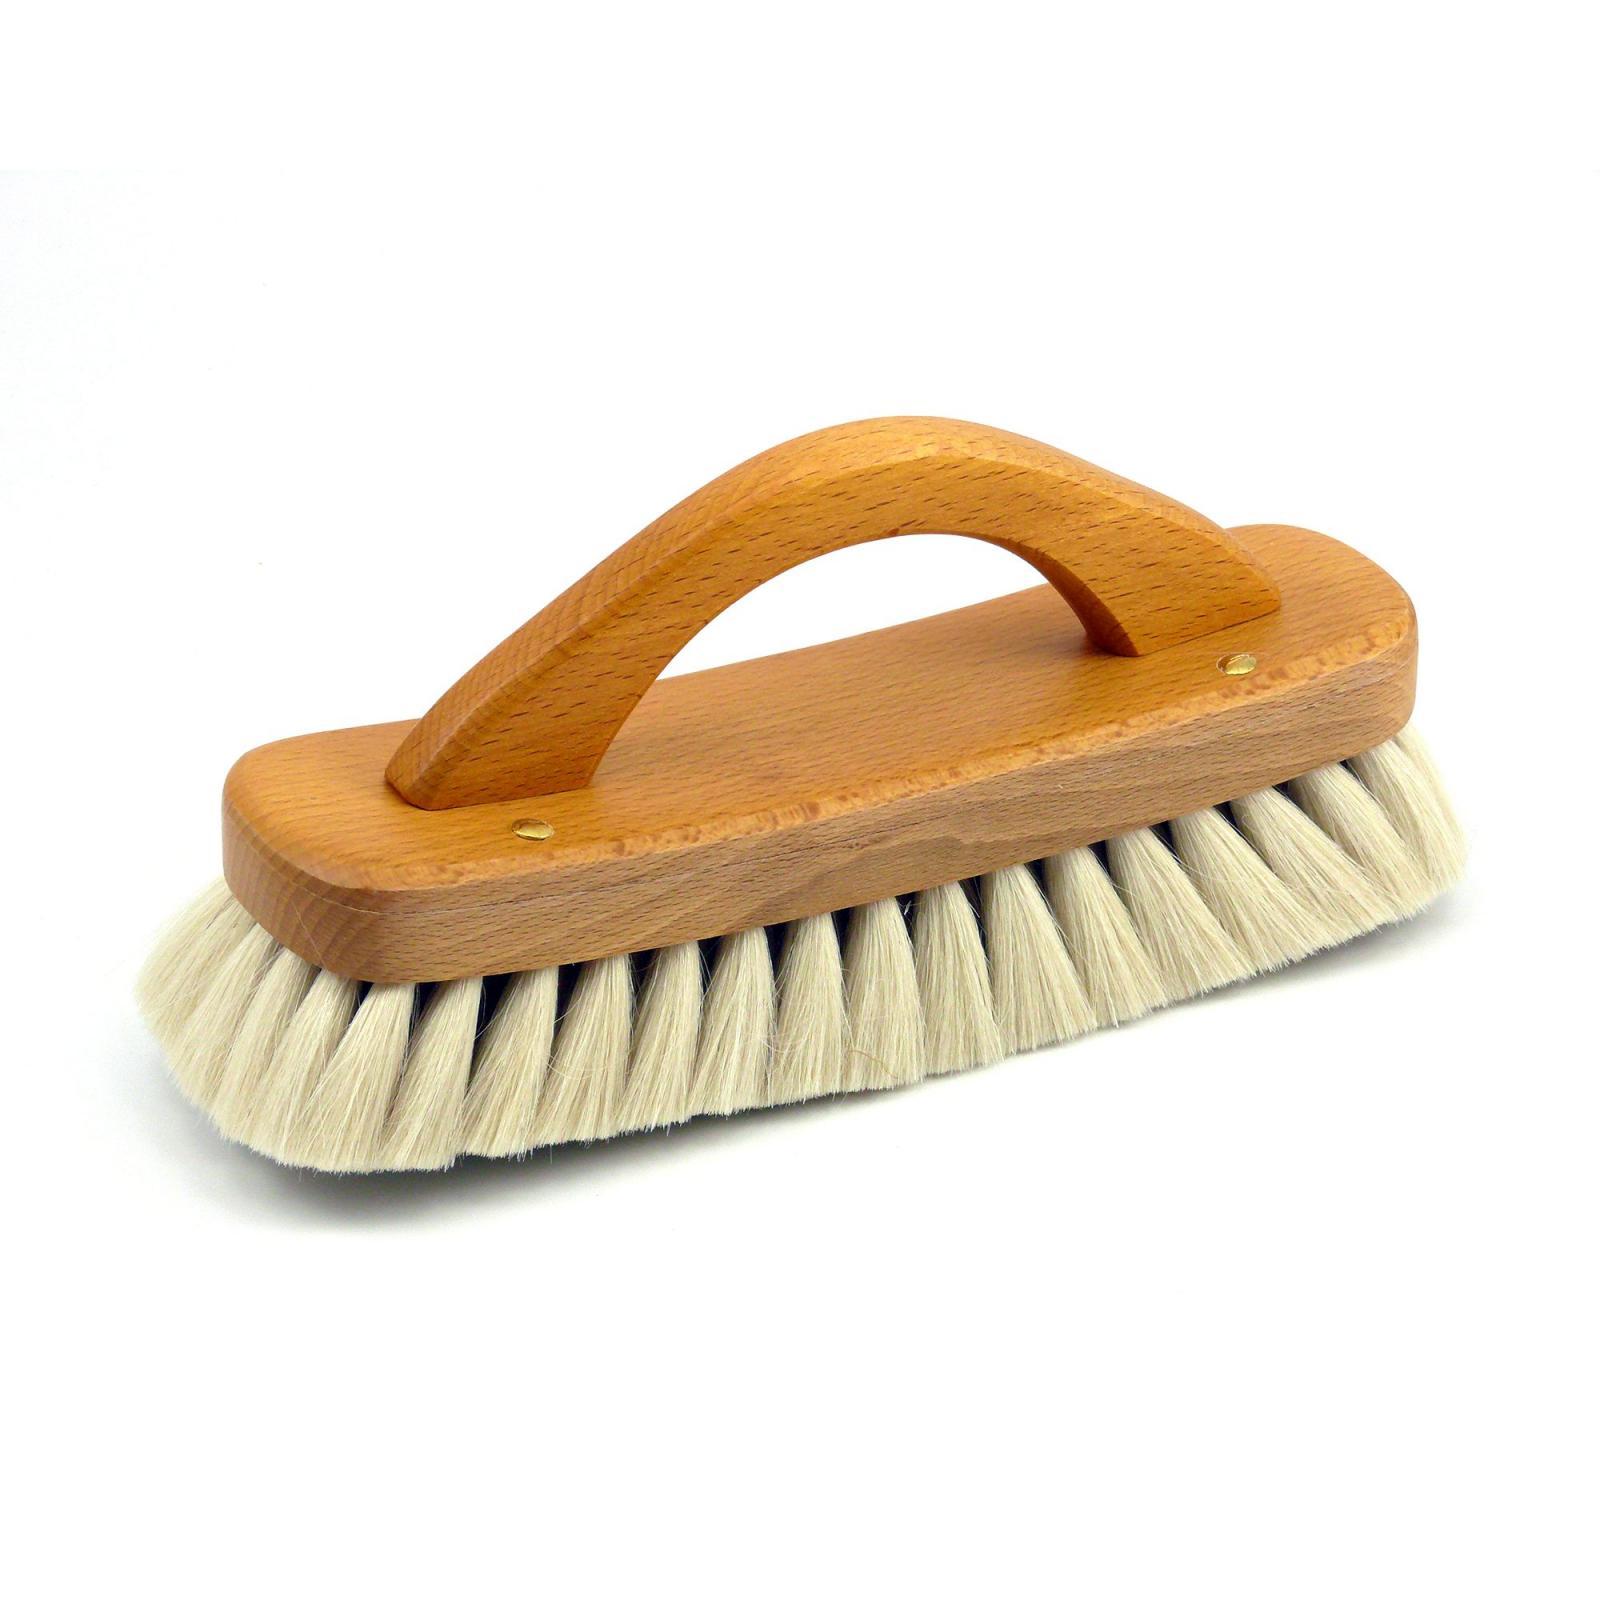 Redecker Lešticí kartáč na boty z bukového dřeva s rukojetí, světlý 1 ks, 21 cm